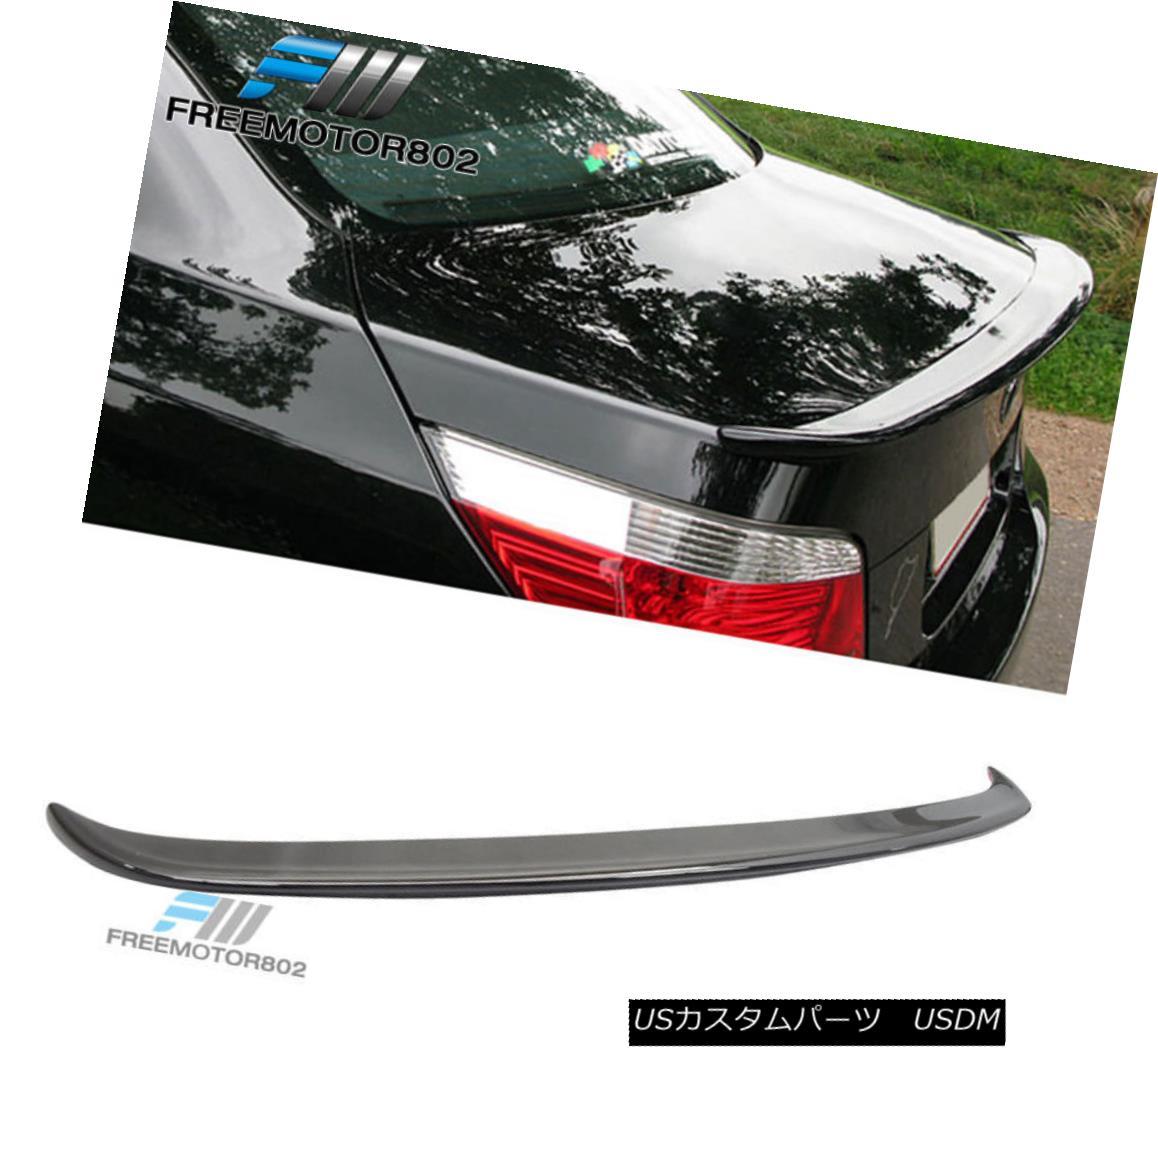 エアロパーツ For 04-10 BMW 5 Series E60 4DR AC Painted #668 Jet Black Trunk Spoiler Wing ABS 04-10 BMW 5シリーズE60 4DR AC塗装#668ジェットブラックトランクスポイラーウィングABS